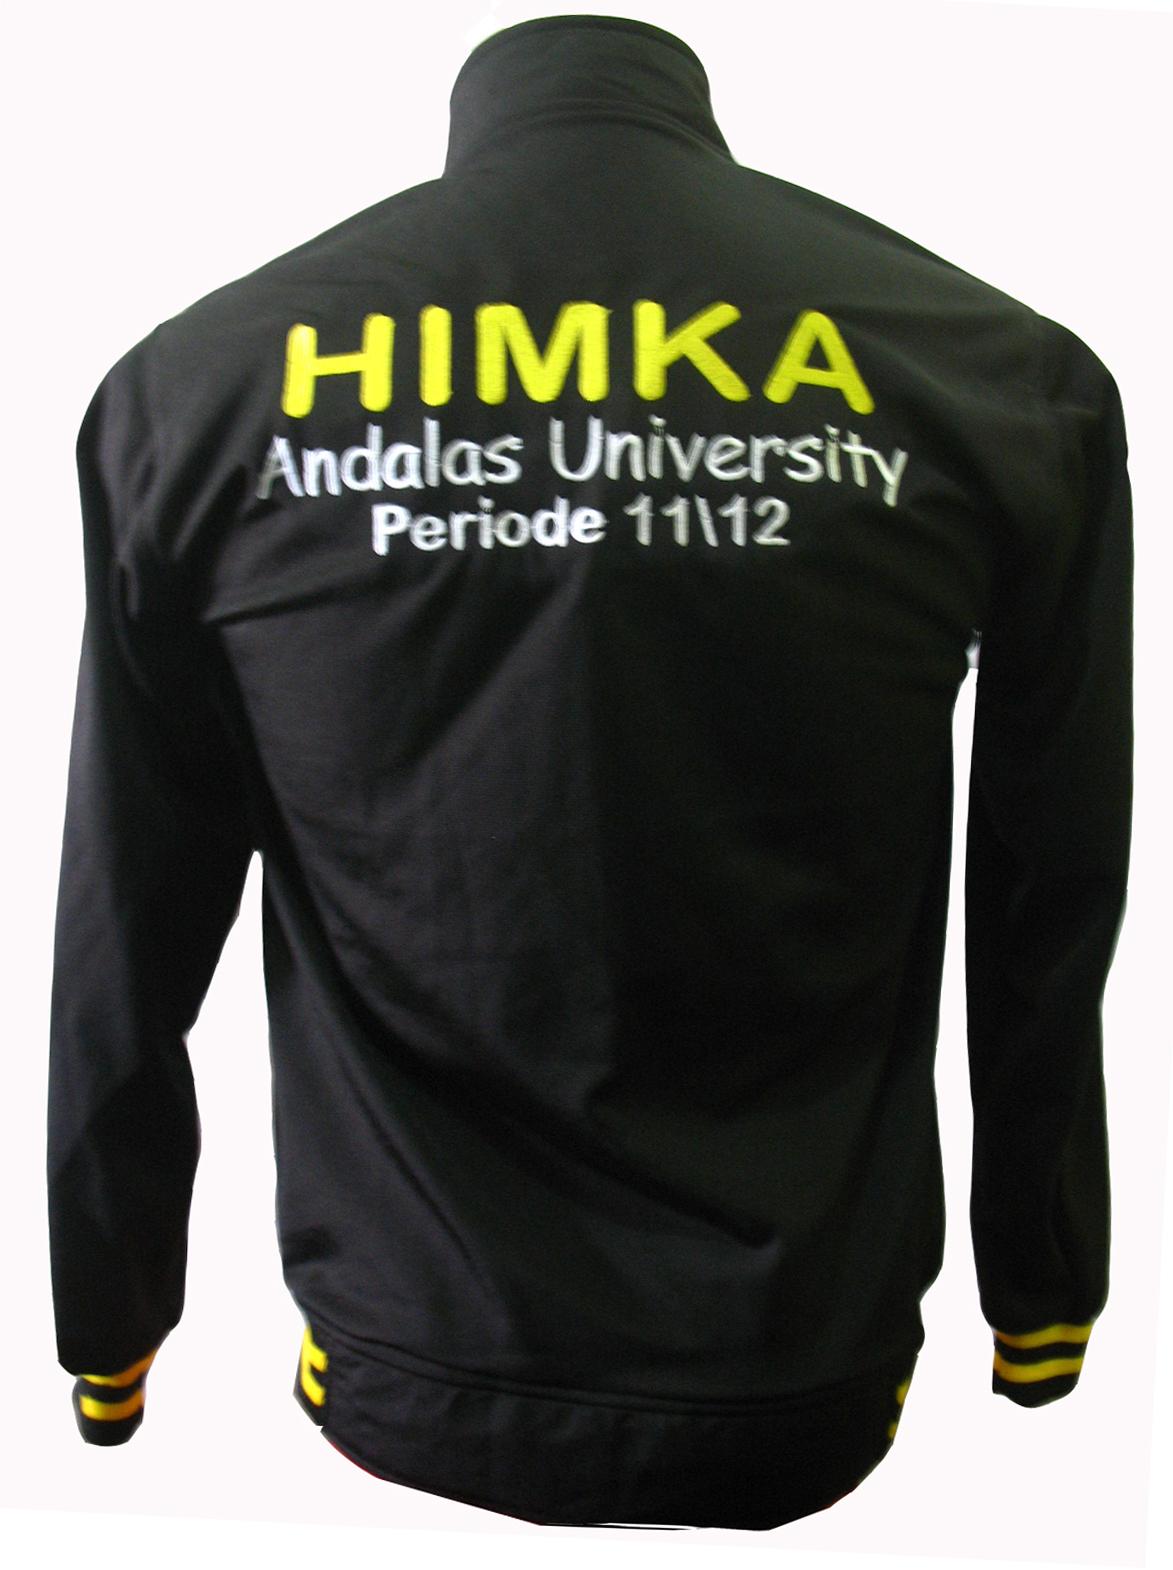 http://1.bp.blogspot.com/-vWizPMYXFGY/UIazOeAnwbI/AAAAAAAAAzA/8vmH58hZaSo/s1600/jaket+himpunan+unand+belakang.jpg